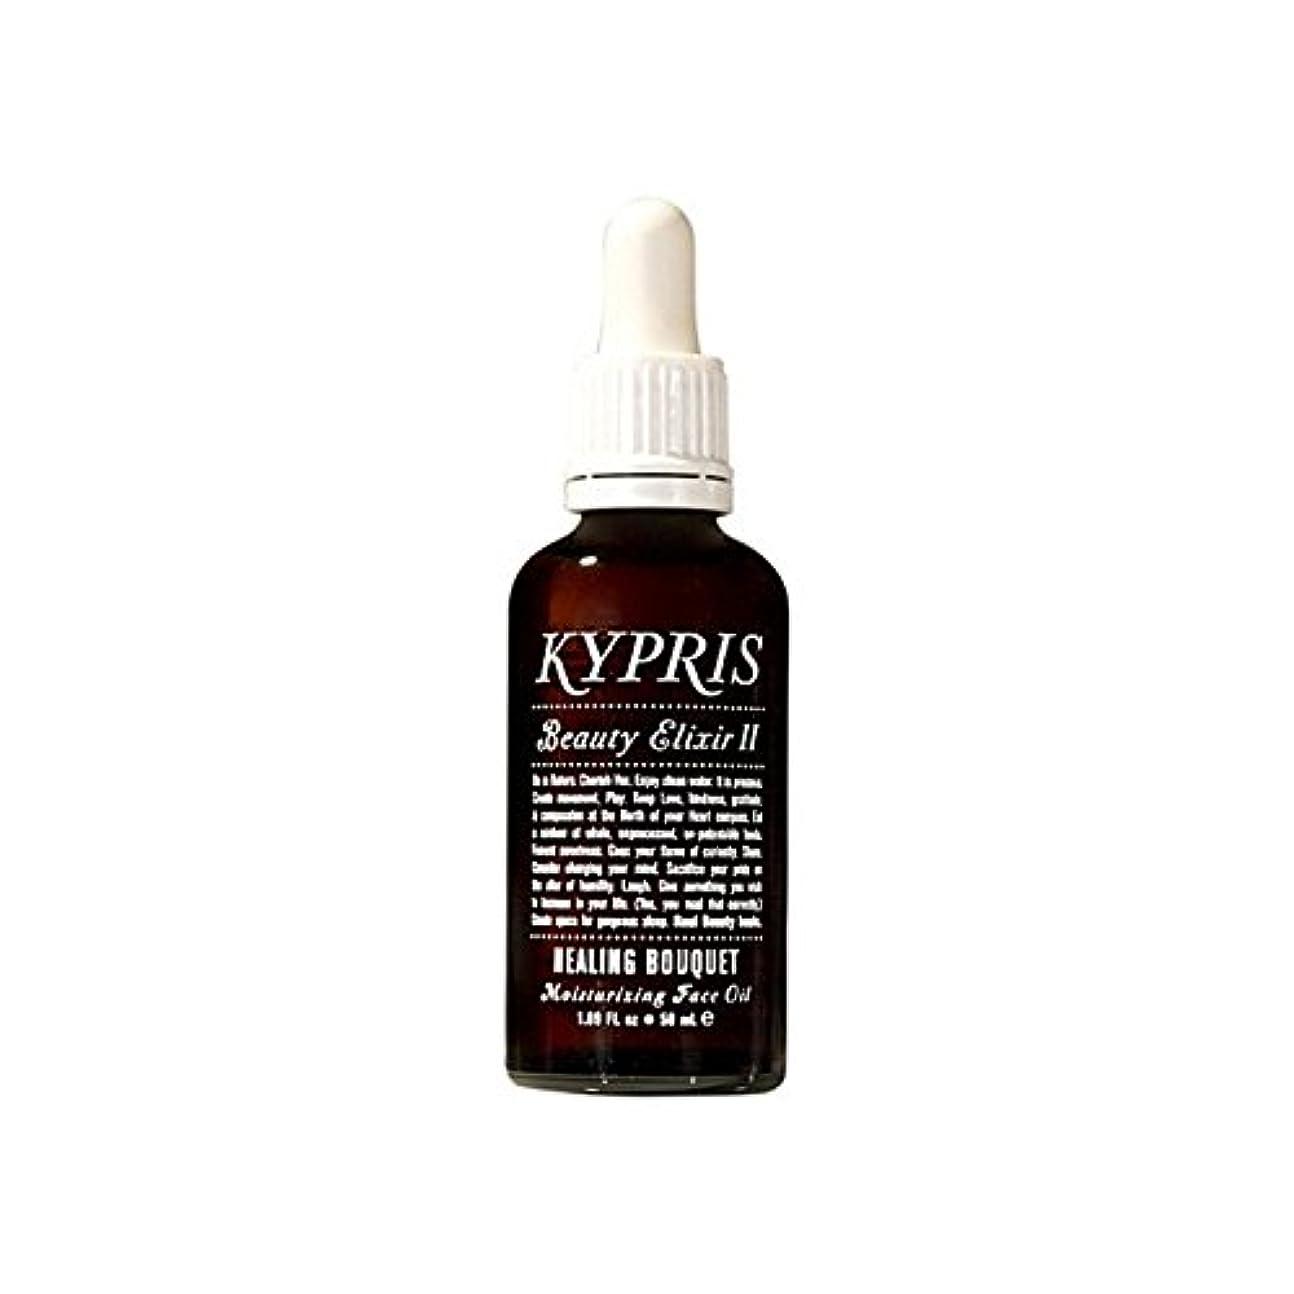 編集者応用苛性Kypris Beauty Elixir Ii - Healing Bouquet 50Ml (Pack of 6) - 癒しの花束の50ミリリットル - 美容エリクサーを x6 [並行輸入品]